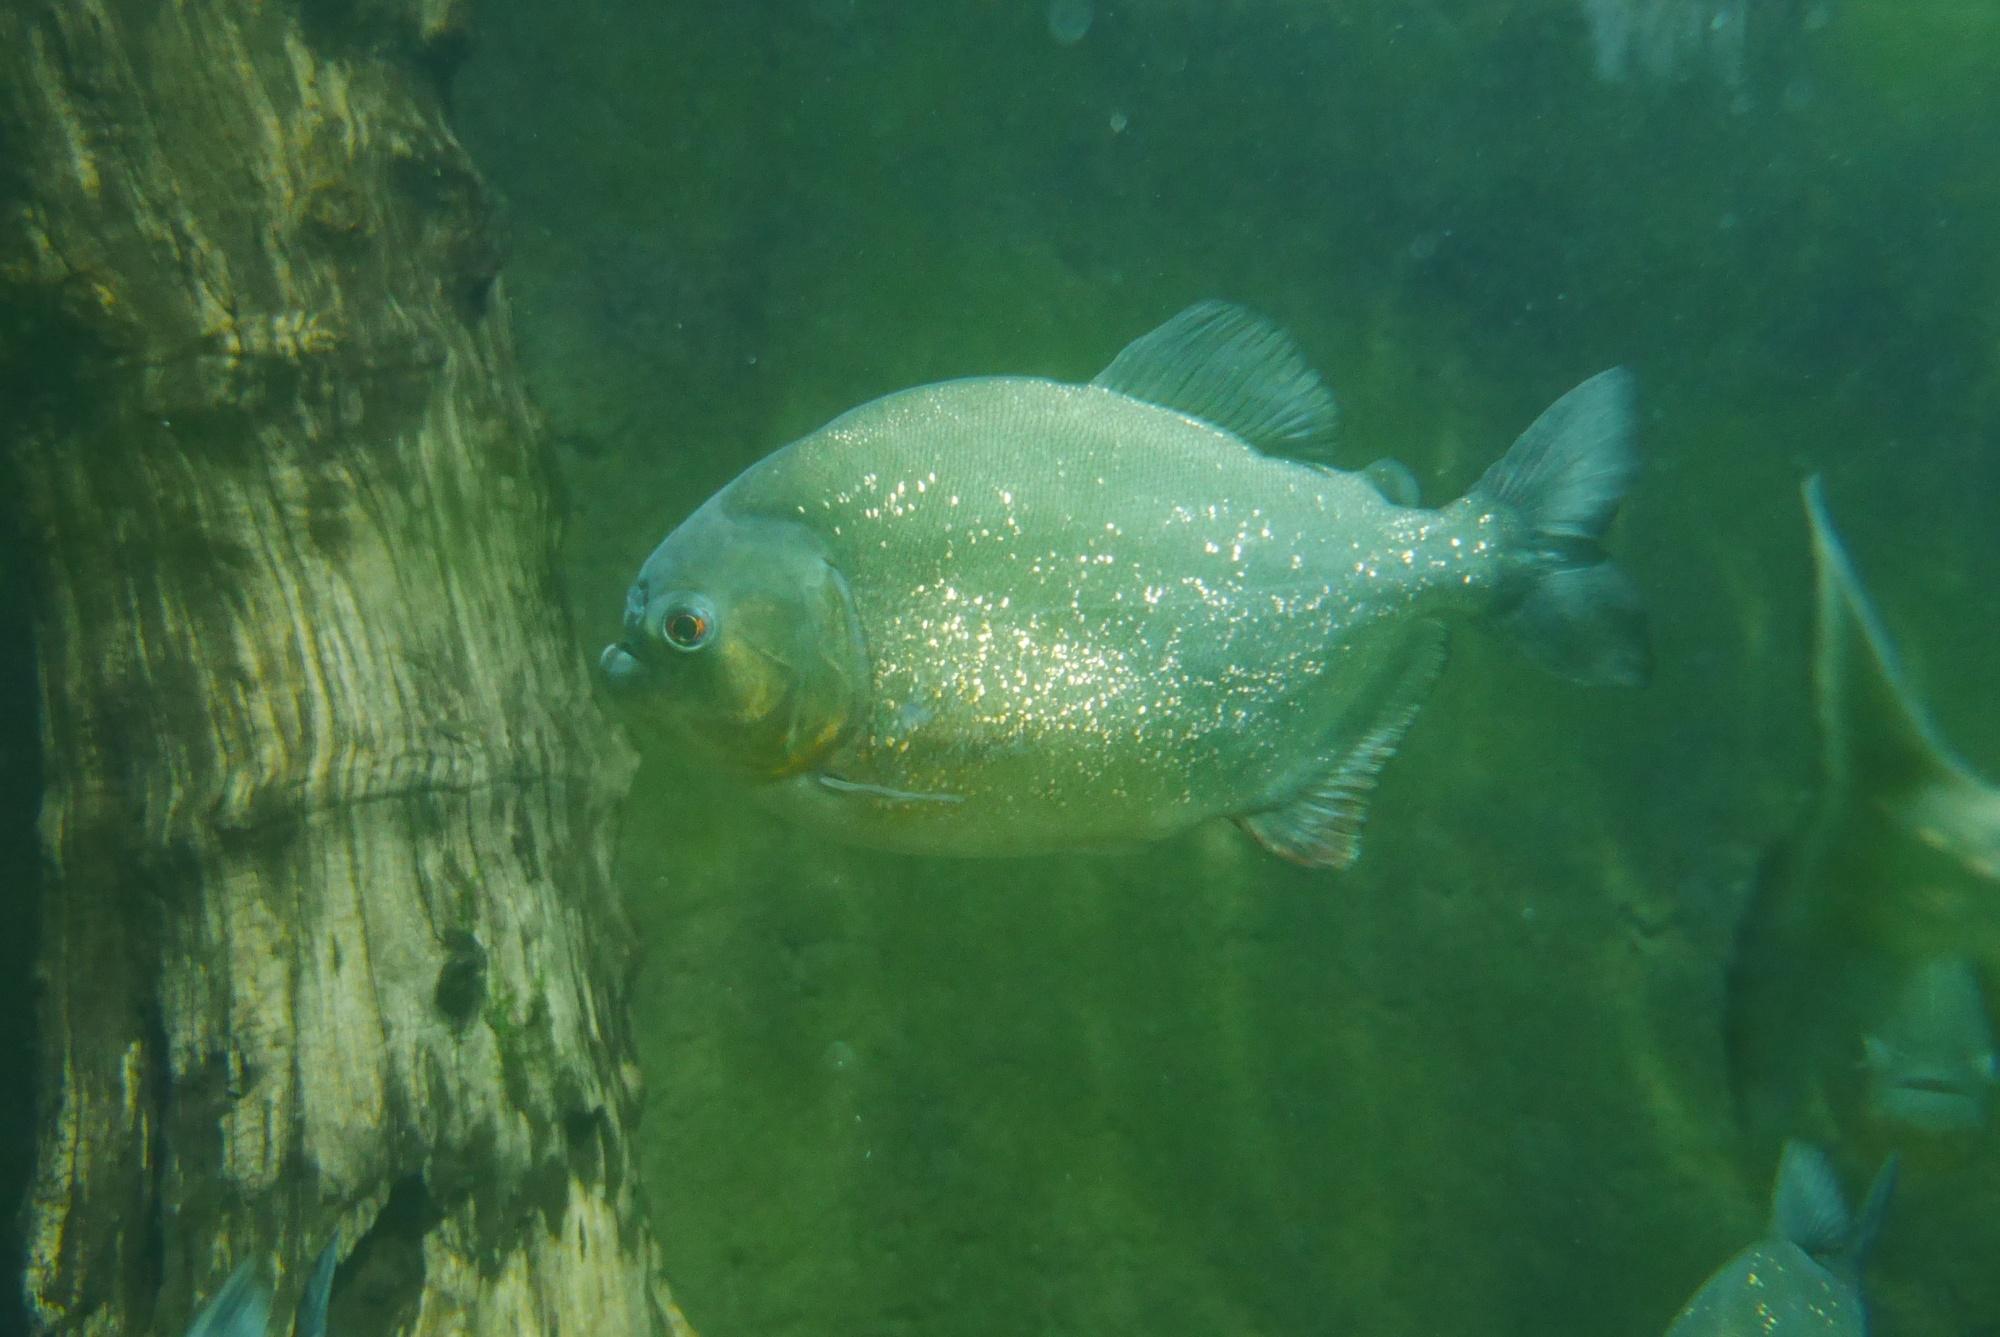 ピラニア・ナッテリー(Piranha)